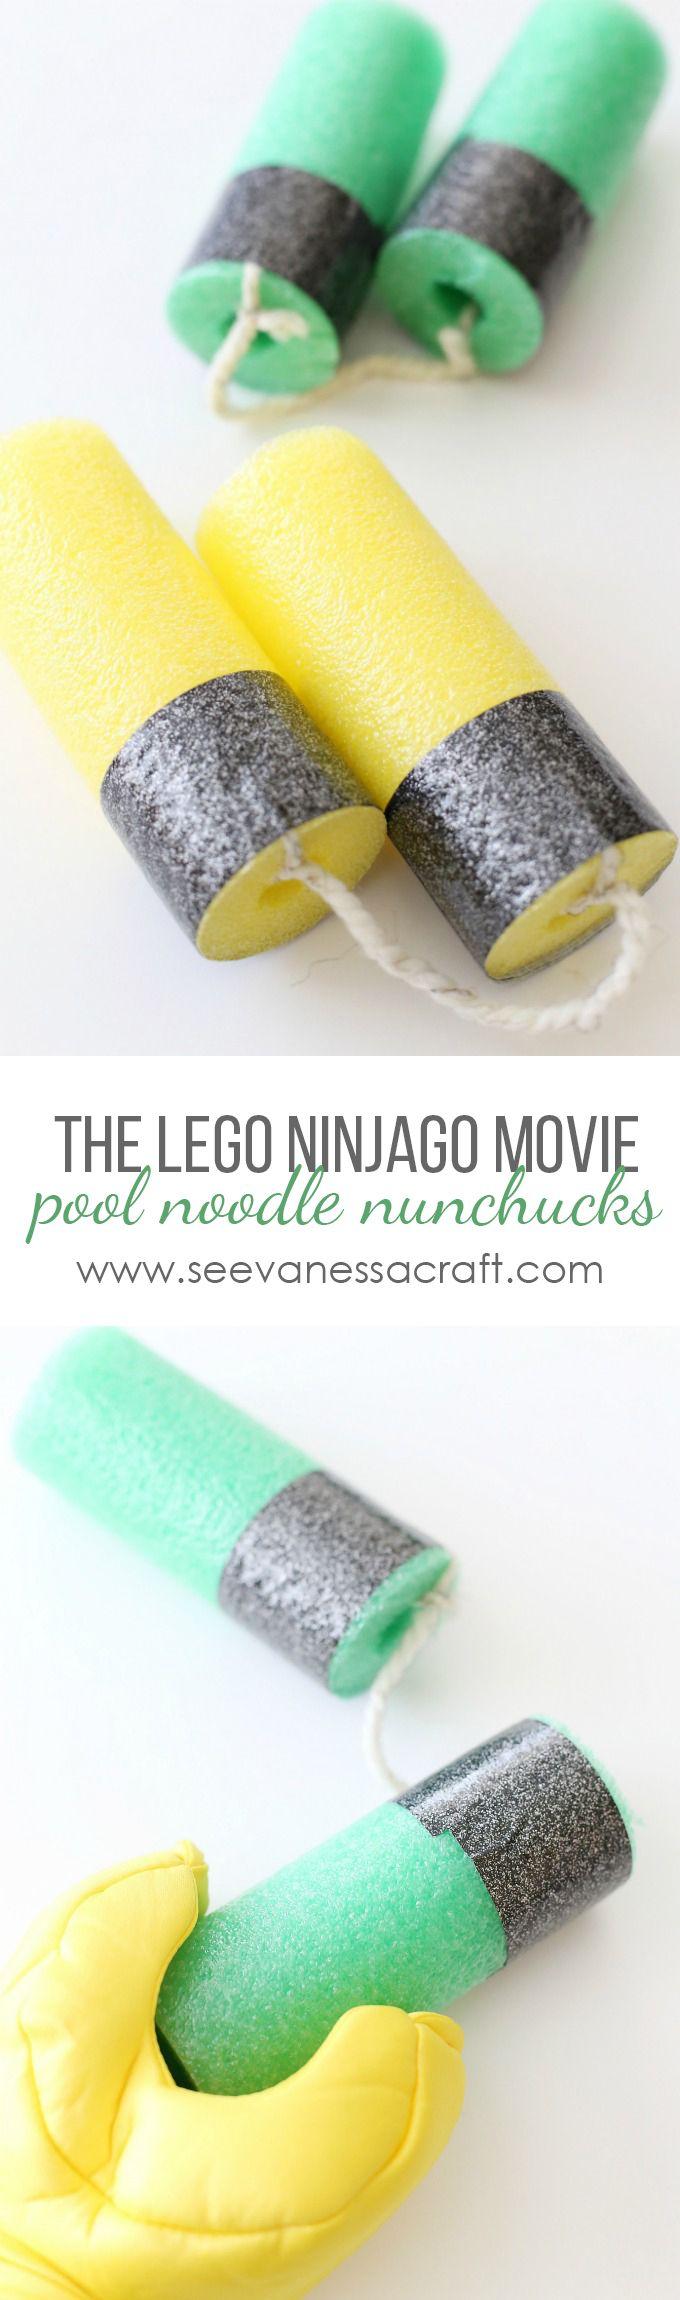 DIY LEGO Ninjago Movie Pool Noodle Nunchucks copy